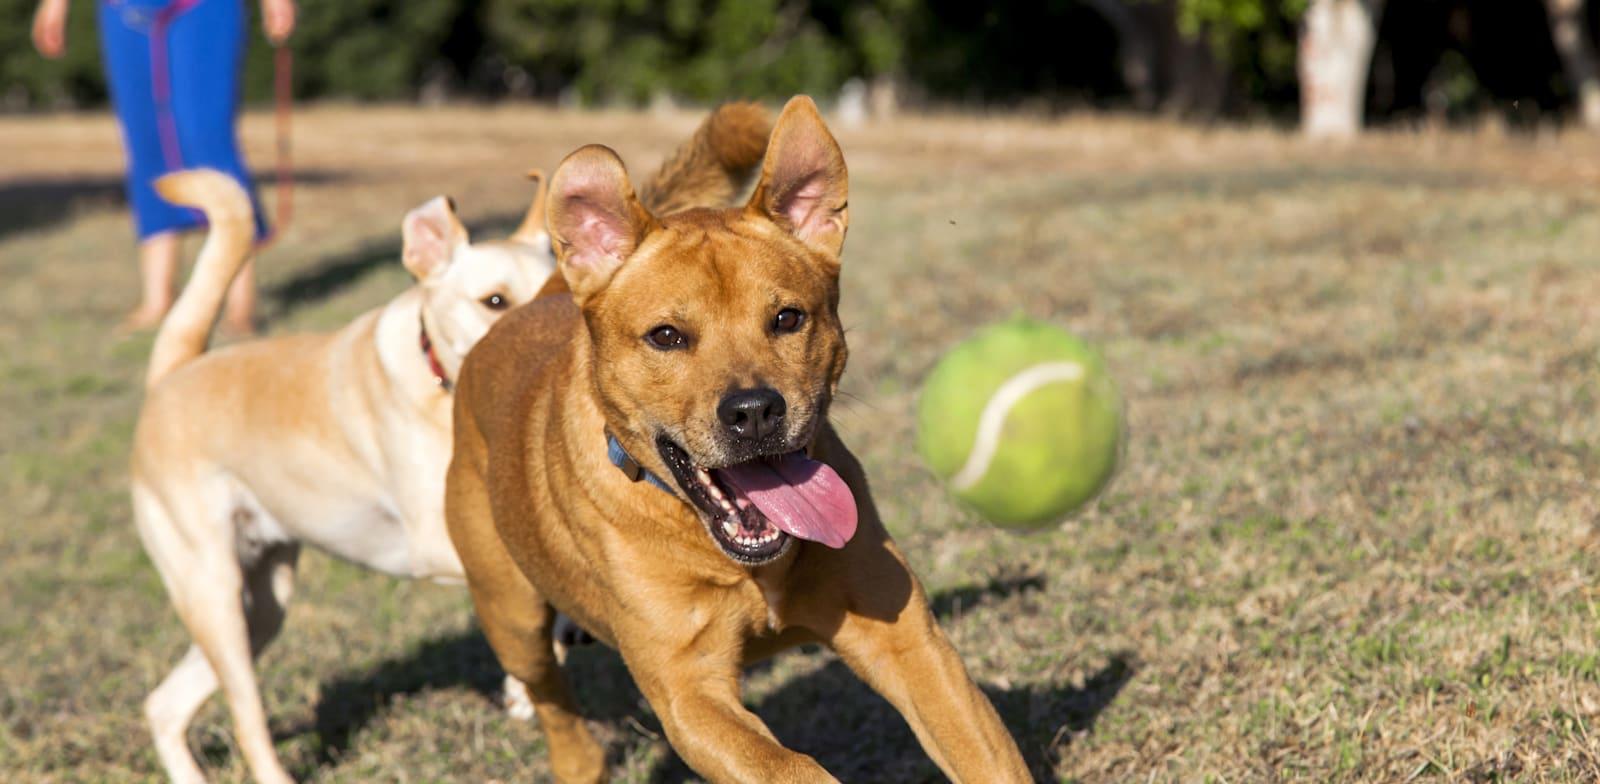 על הנחלה הוקם עסק לגידול כלבים. בני הזוג נמנעו מלרשום את הנחלה בטאבו / צילום: Shutterstock